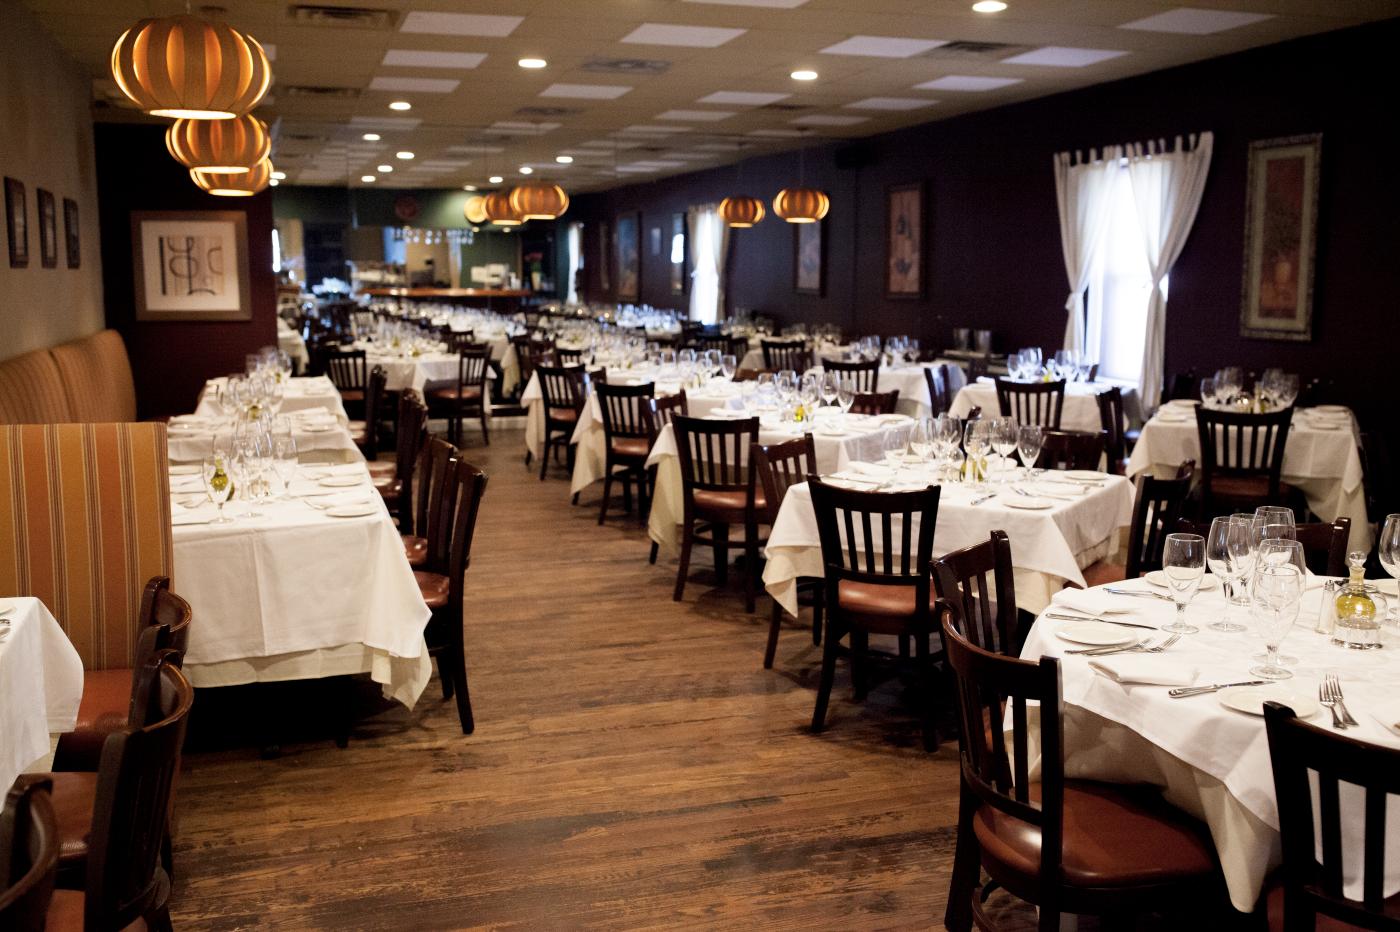 Restaurant Lincoln Park Nj